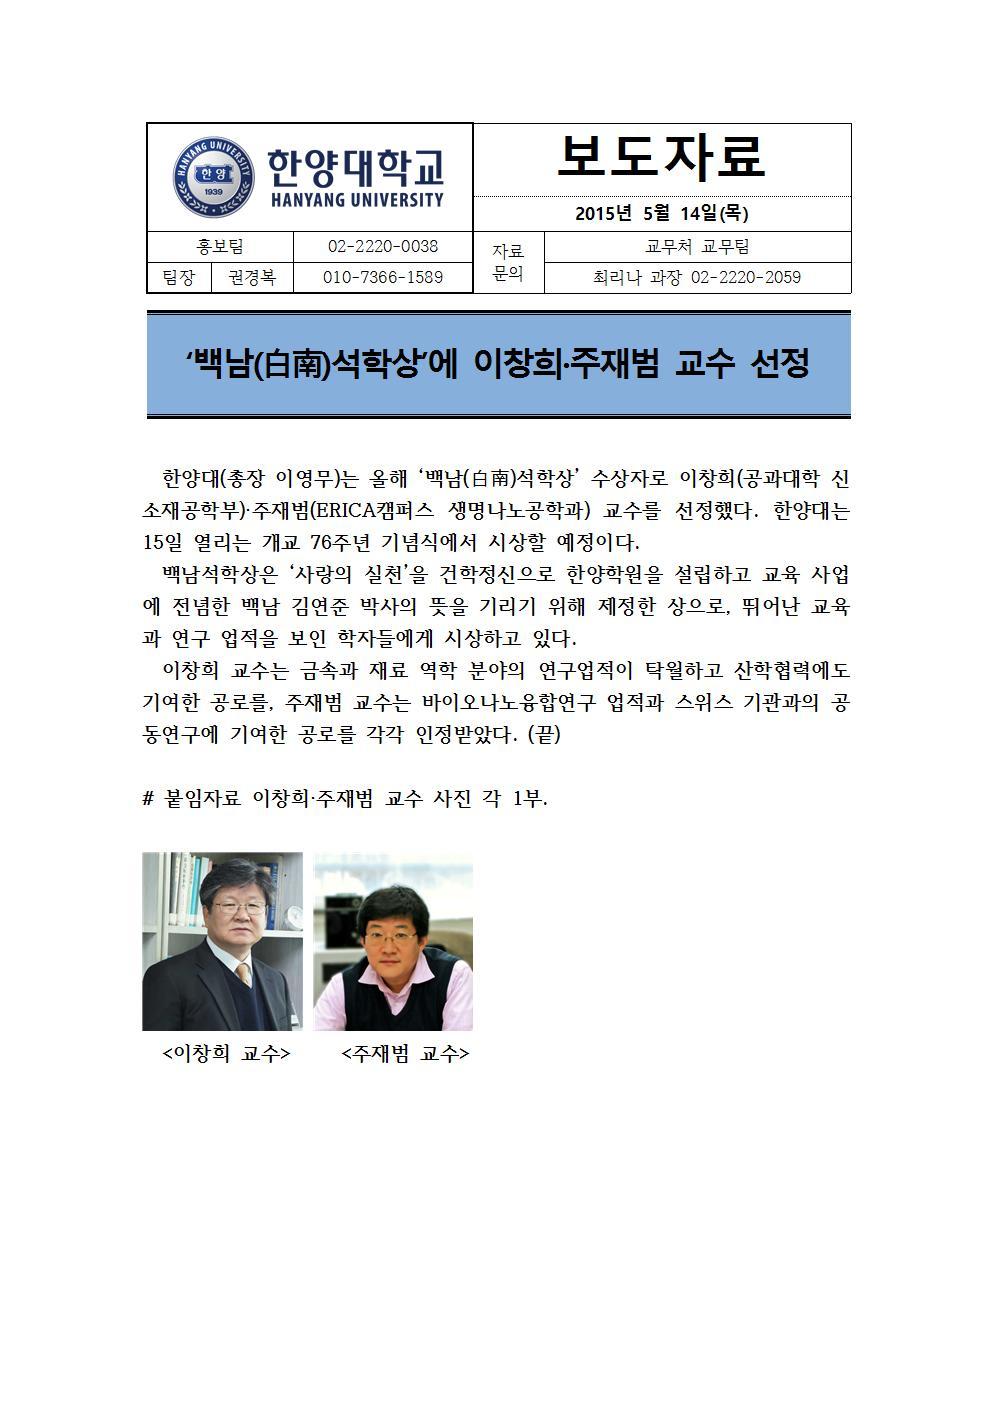 [보도자료]한양대_백남석학상에_이창희.주재범_교수001.jpg